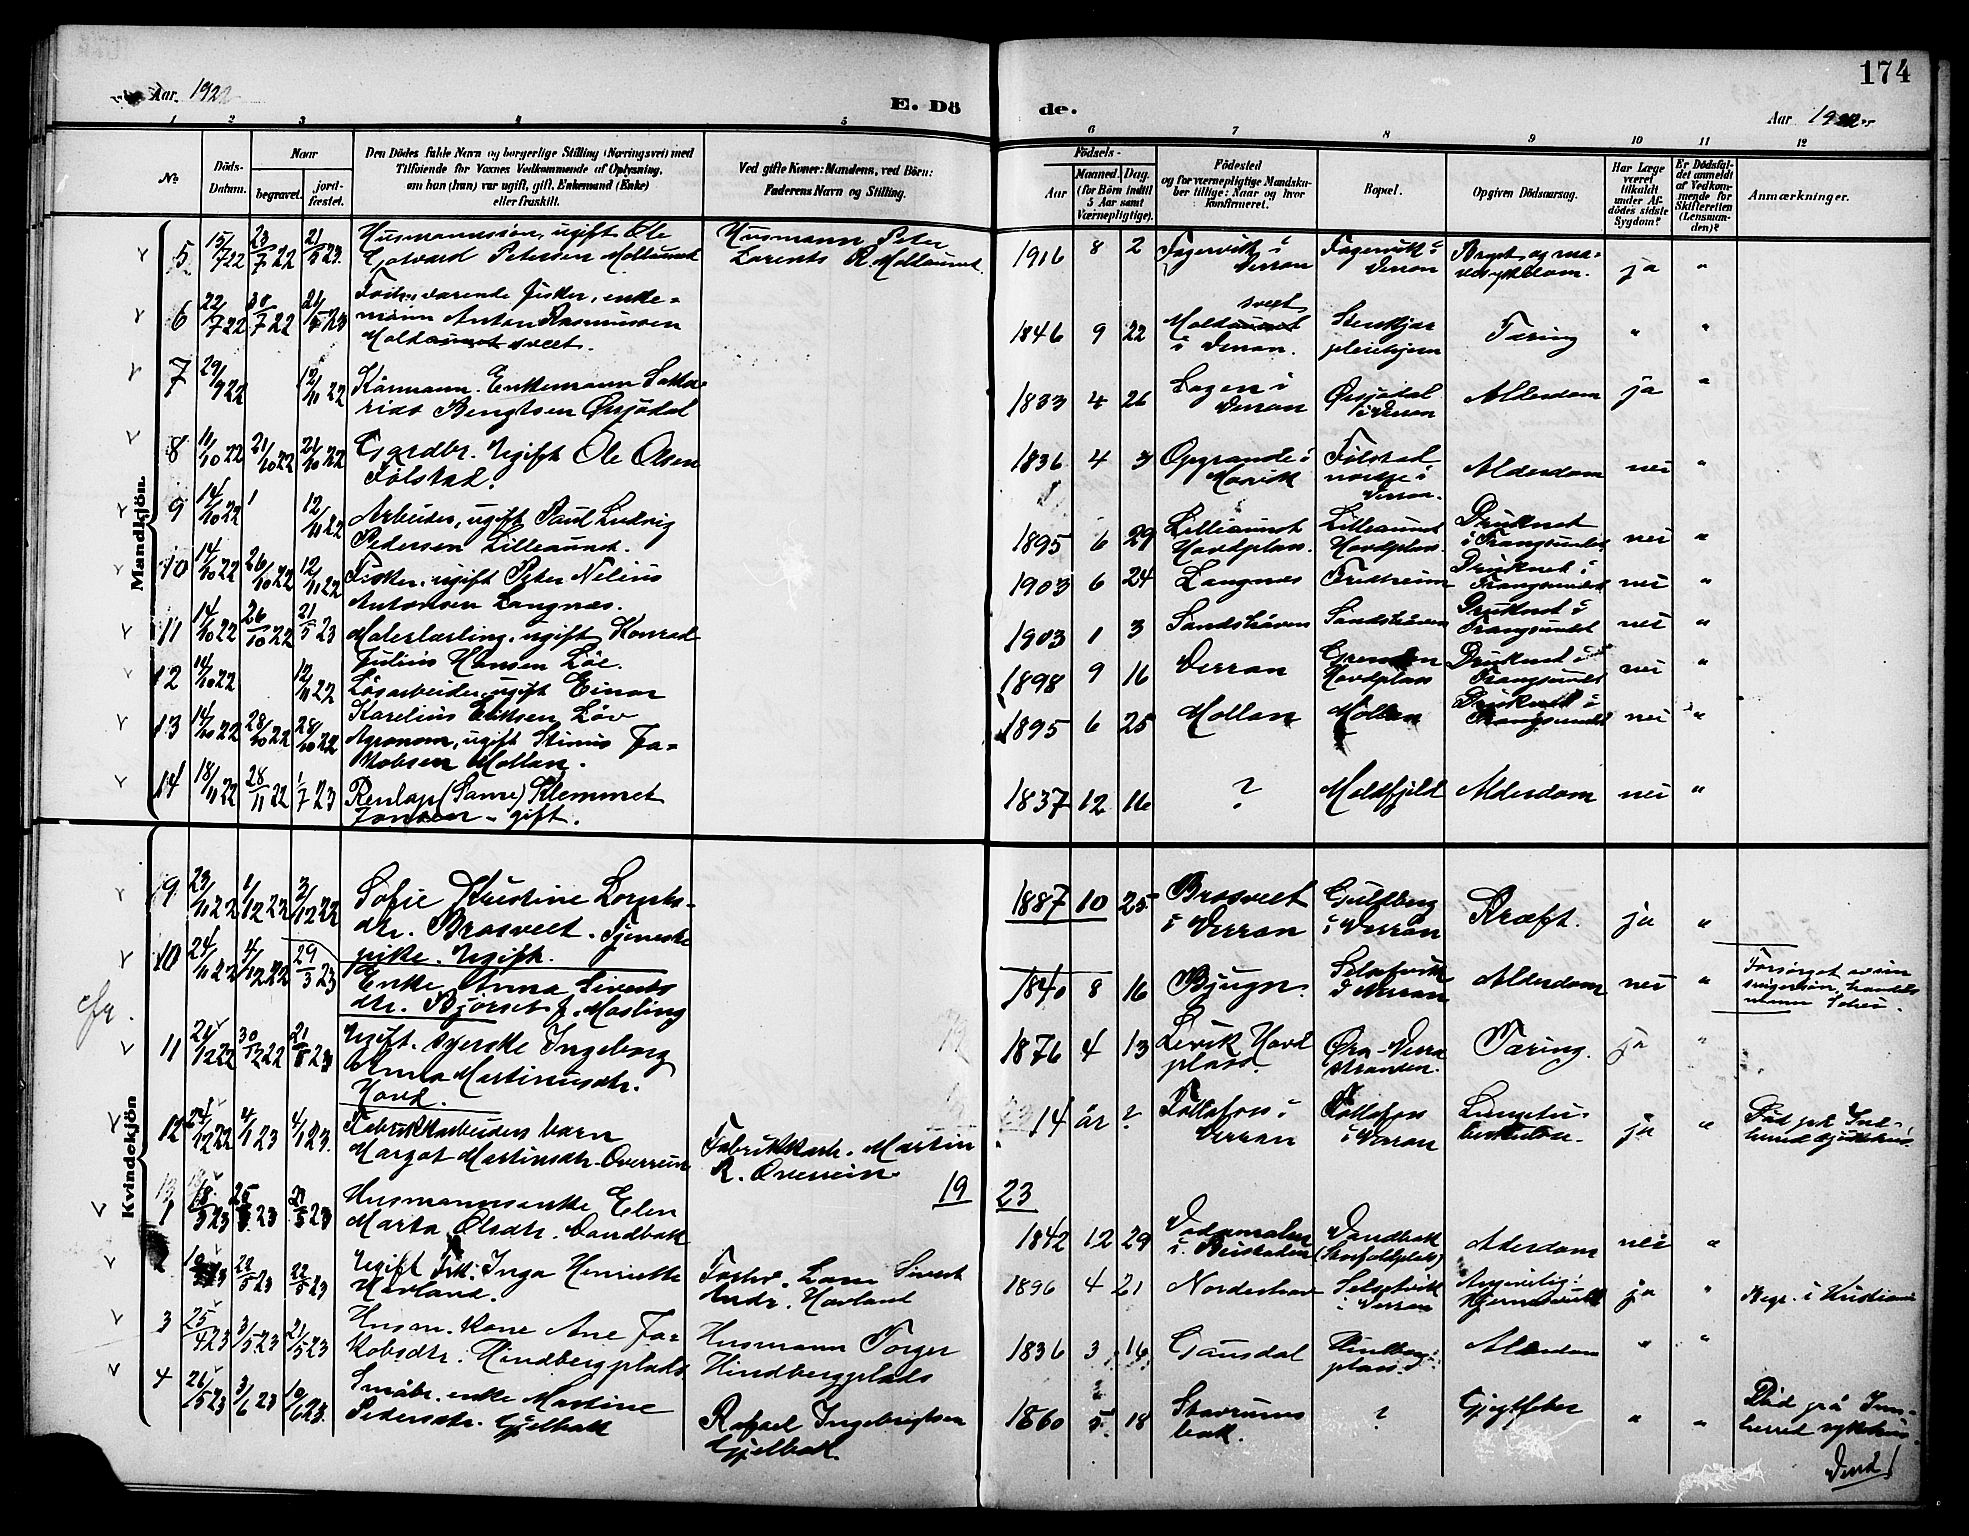 SAT, Ministerialprotokoller, klokkerbøker og fødselsregistre - Nord-Trøndelag, 744/L0424: Klokkerbok nr. 744C03, 1906-1923, s. 174